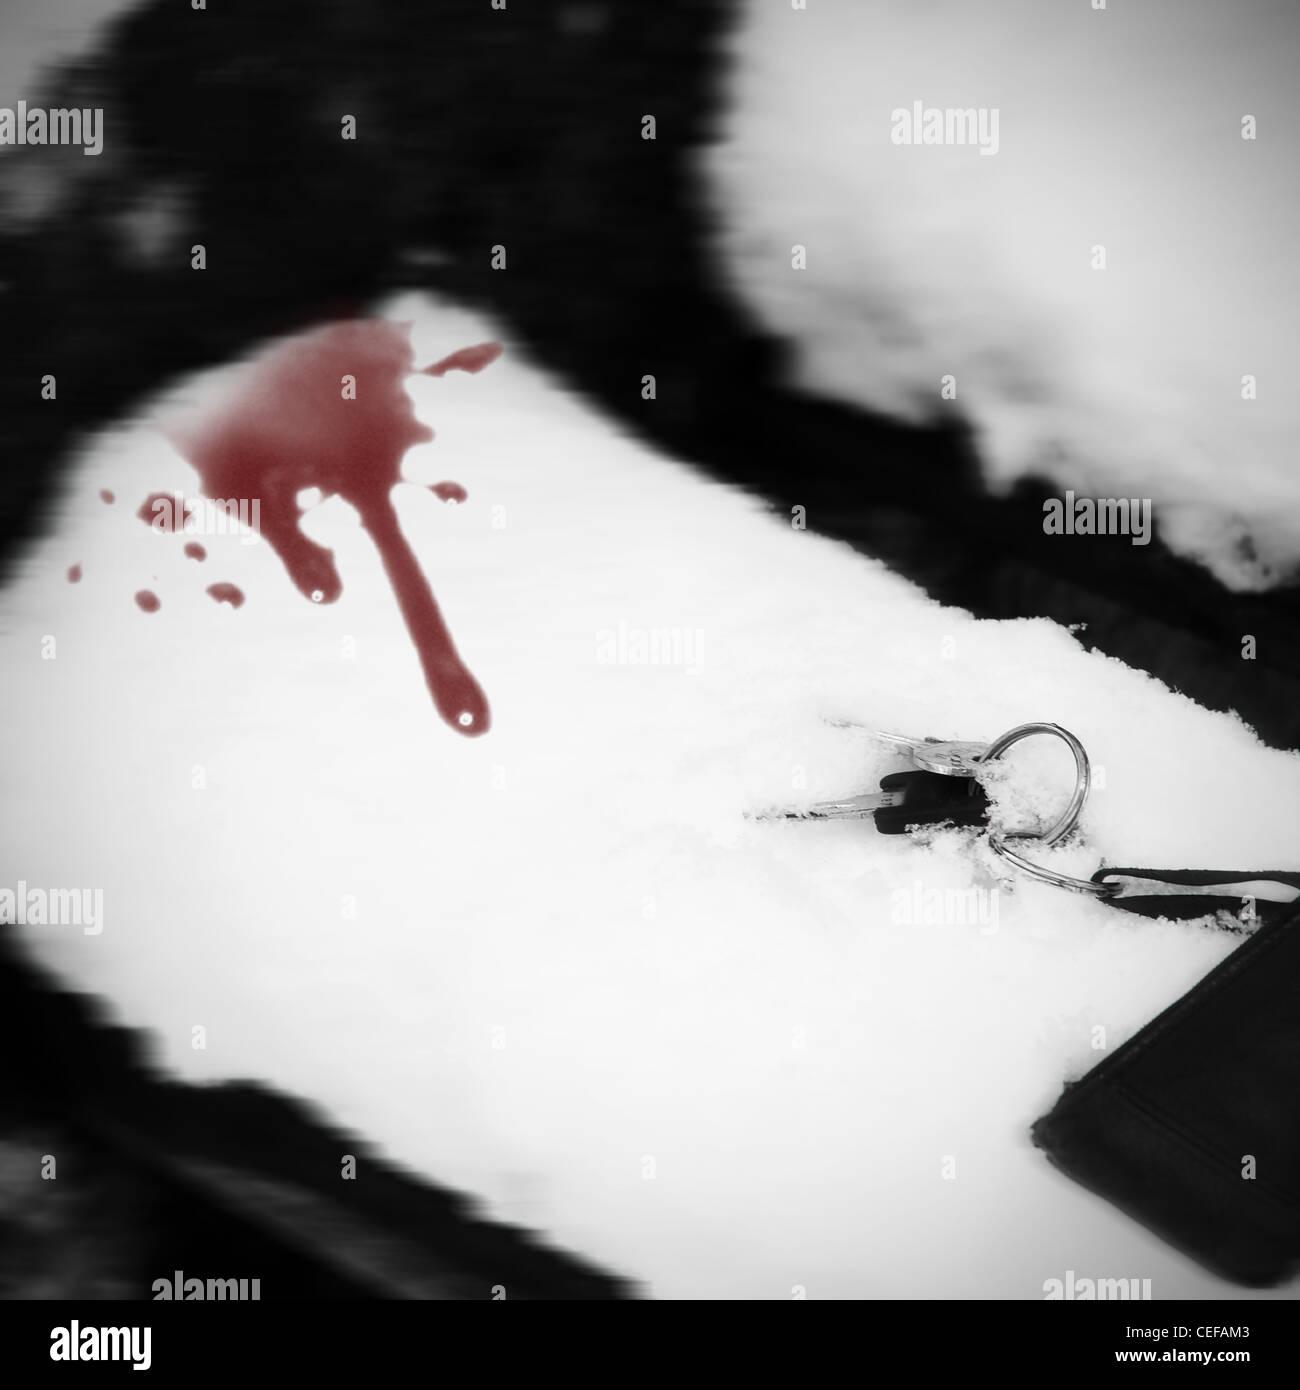 Schlüsselbund auf einer Bank mit Schnee mit Blut Tropfen Stockbild